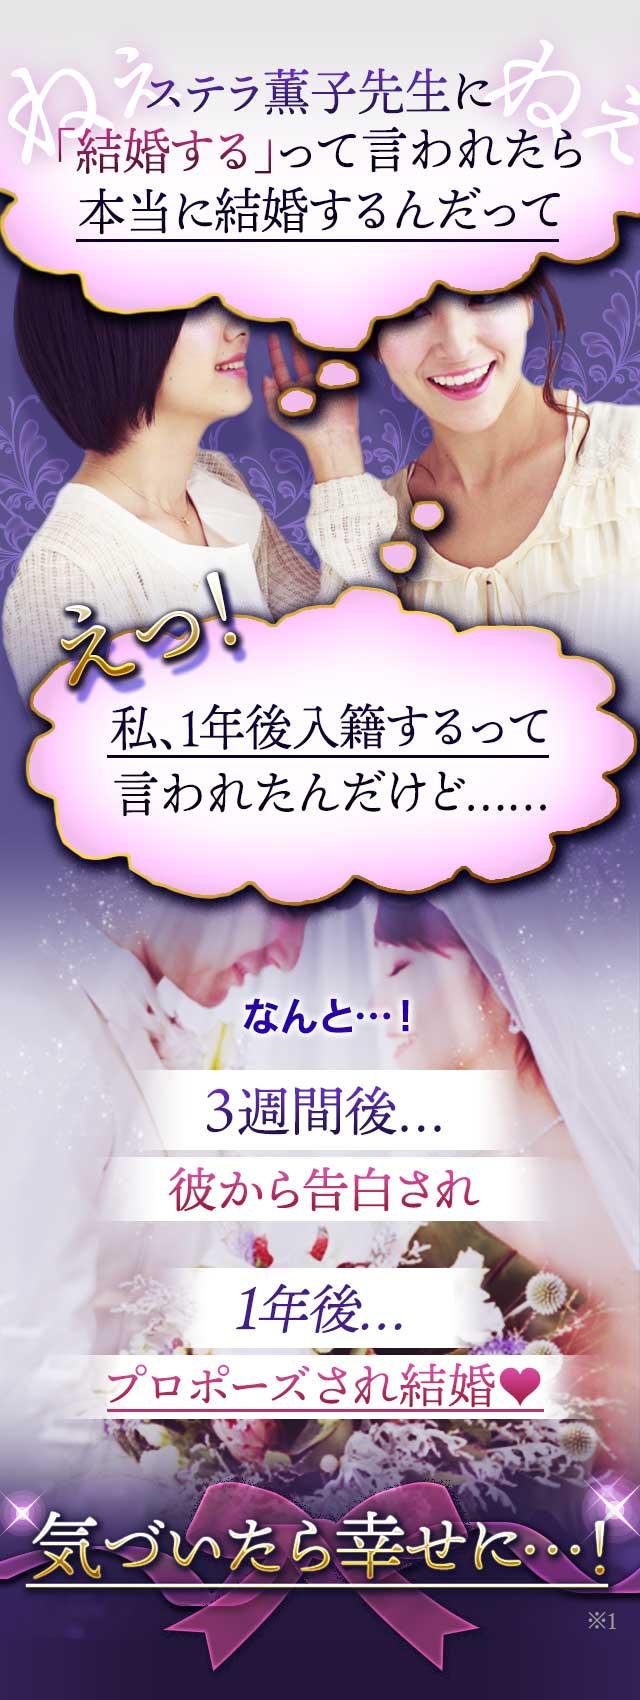 「ねぇねぇステラ薫子先生に「結婚する」って言われたら本当に結婚するんだって!」「えっ!私、1年後入籍するって言われたんだけど……」なんと…!3週間後…彼から告白され 1年後…プロポーズされ結婚 気づいたら幸せに…! ※1